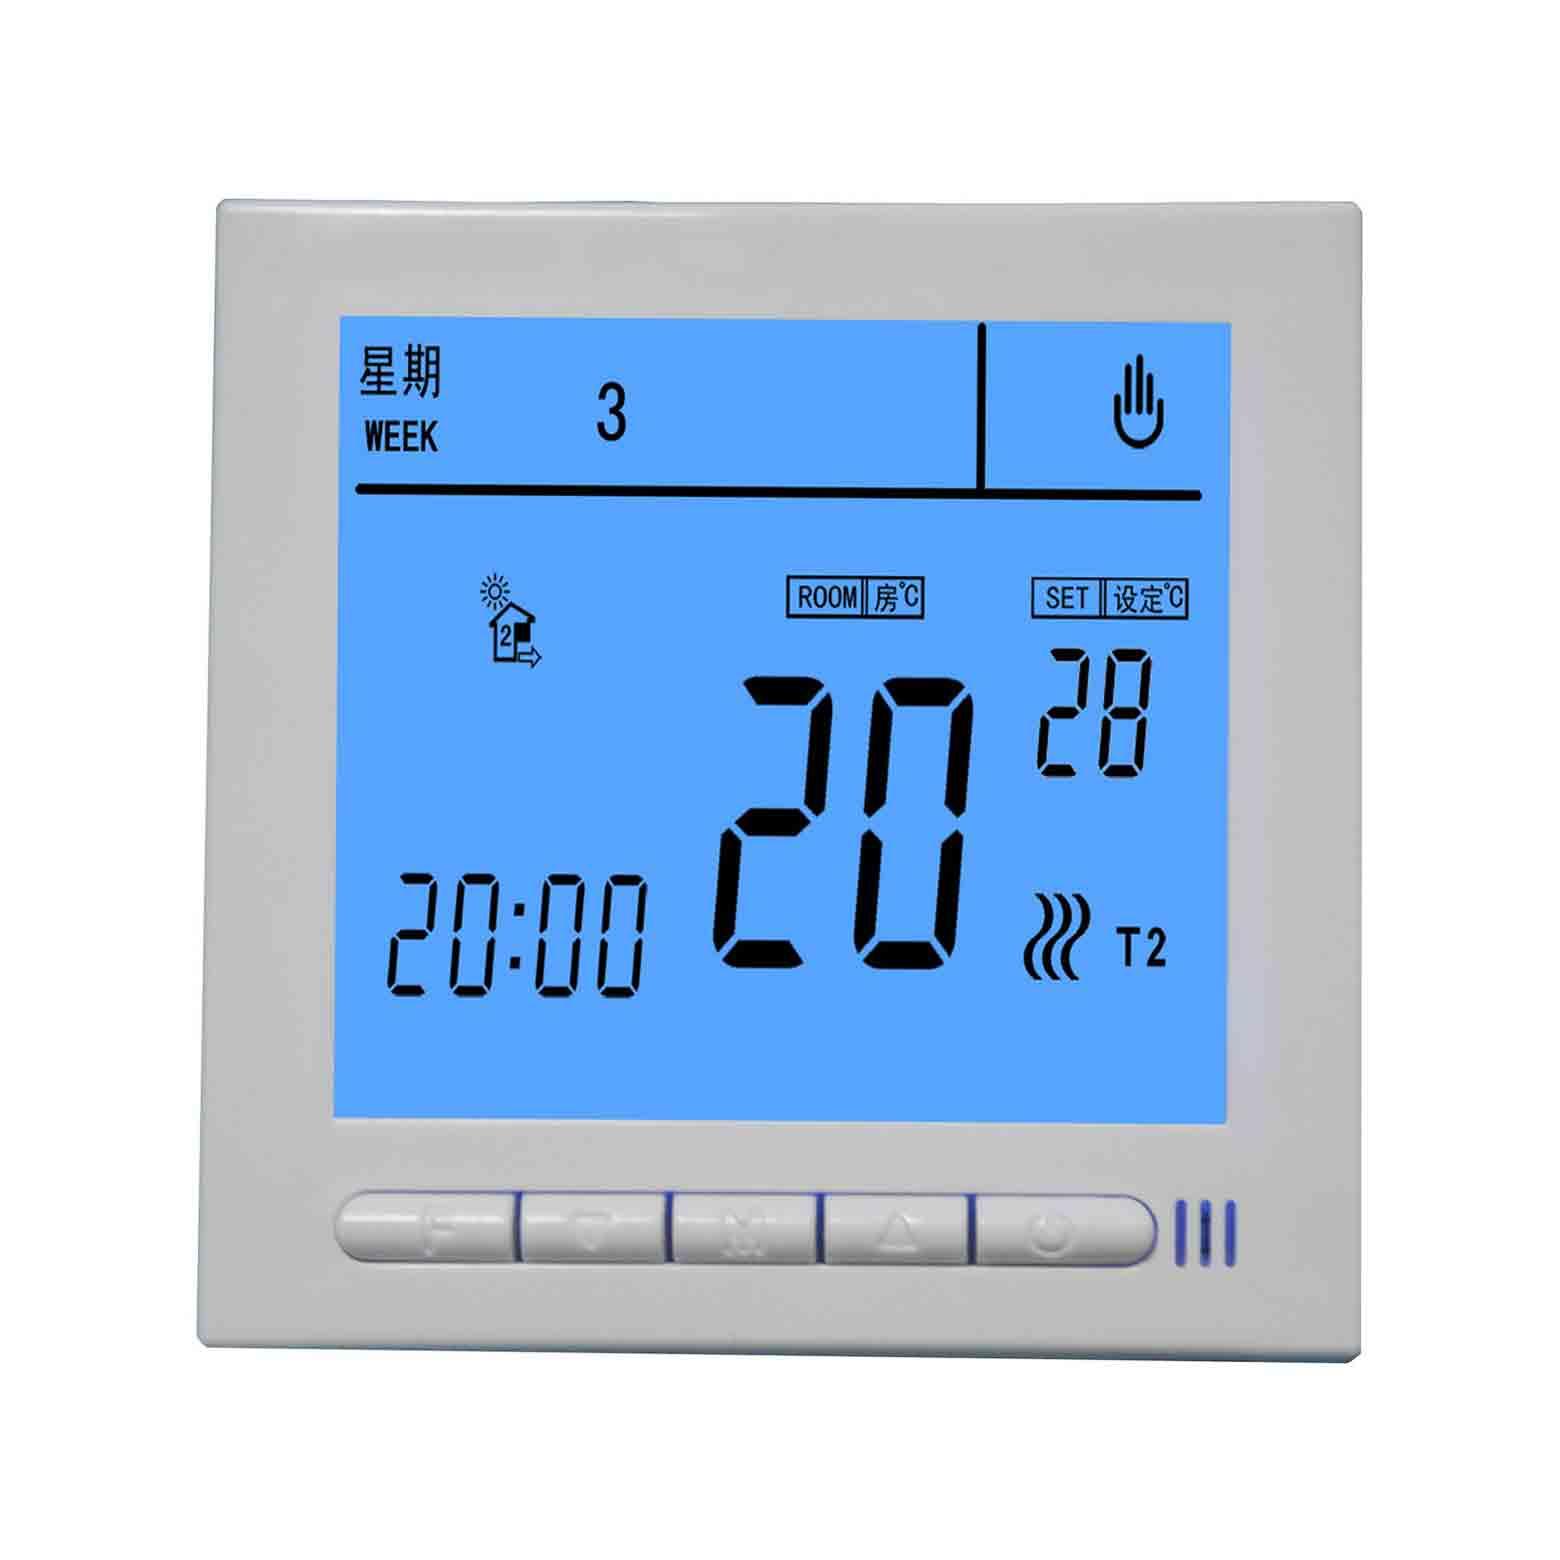 YKC3039系列双显超大液晶屏可编程发热电缆、散热器温控器